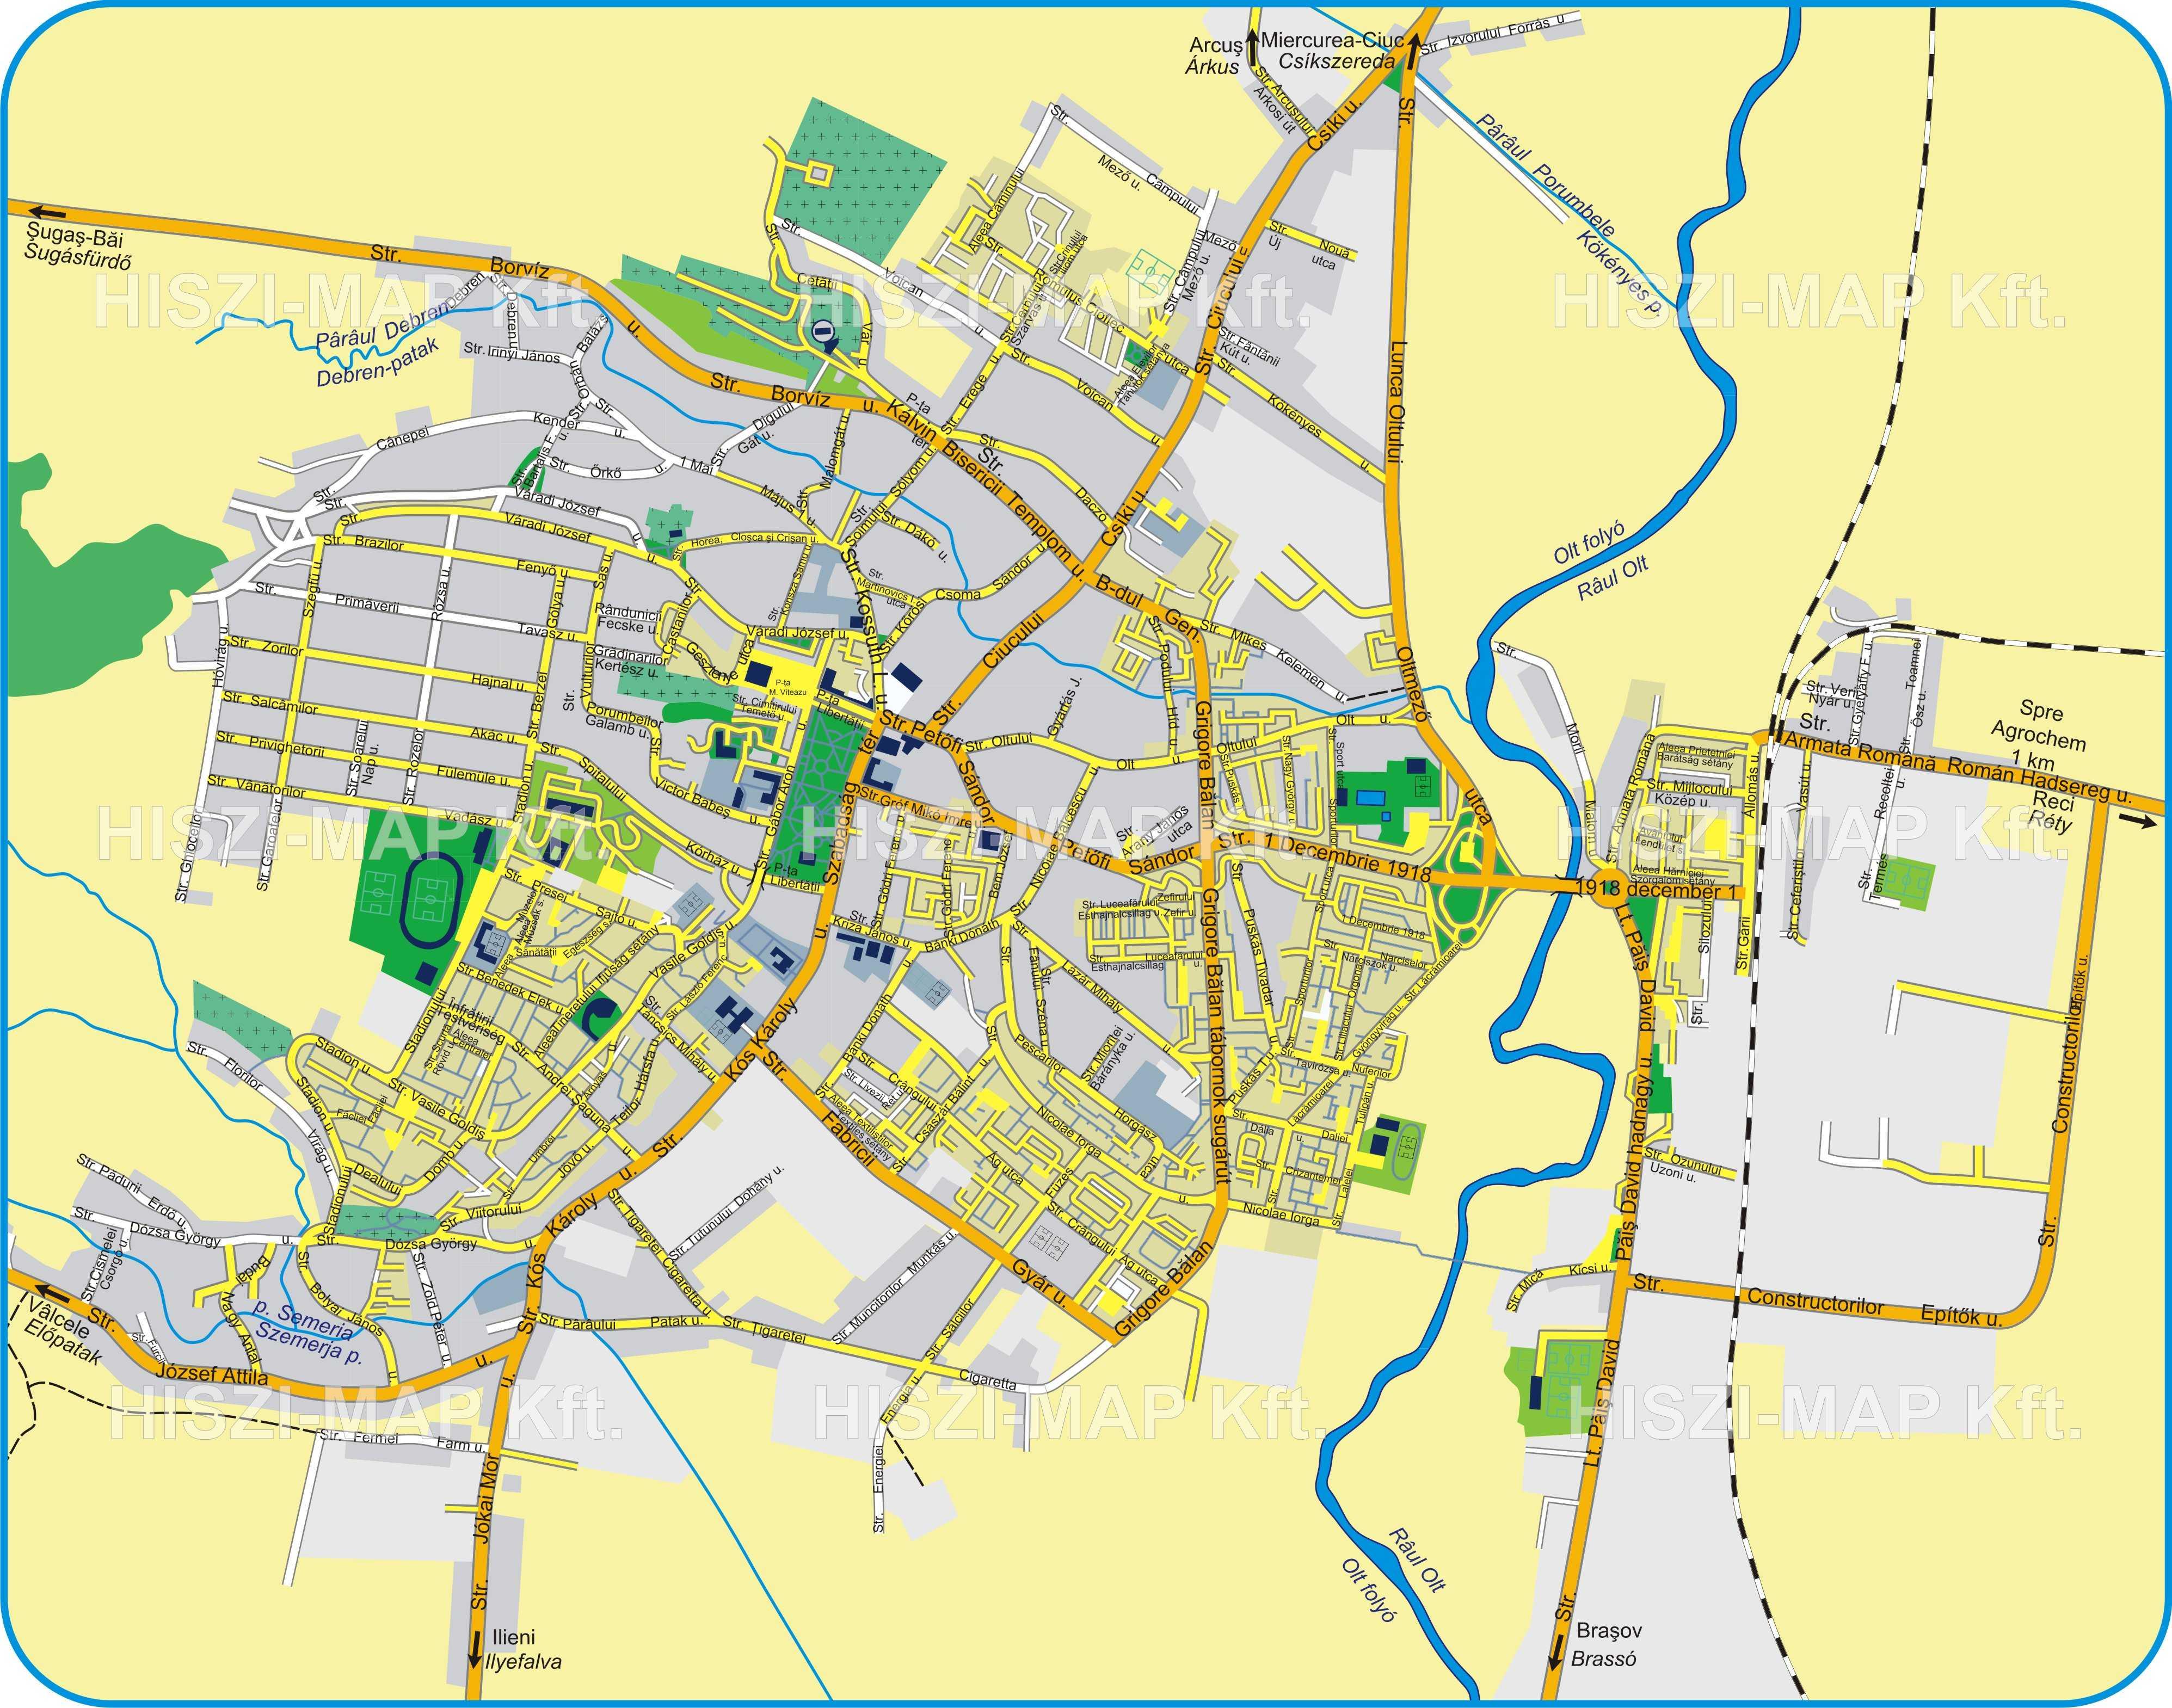 Sepsiszentgyörgyturisztikai térképe - szállás